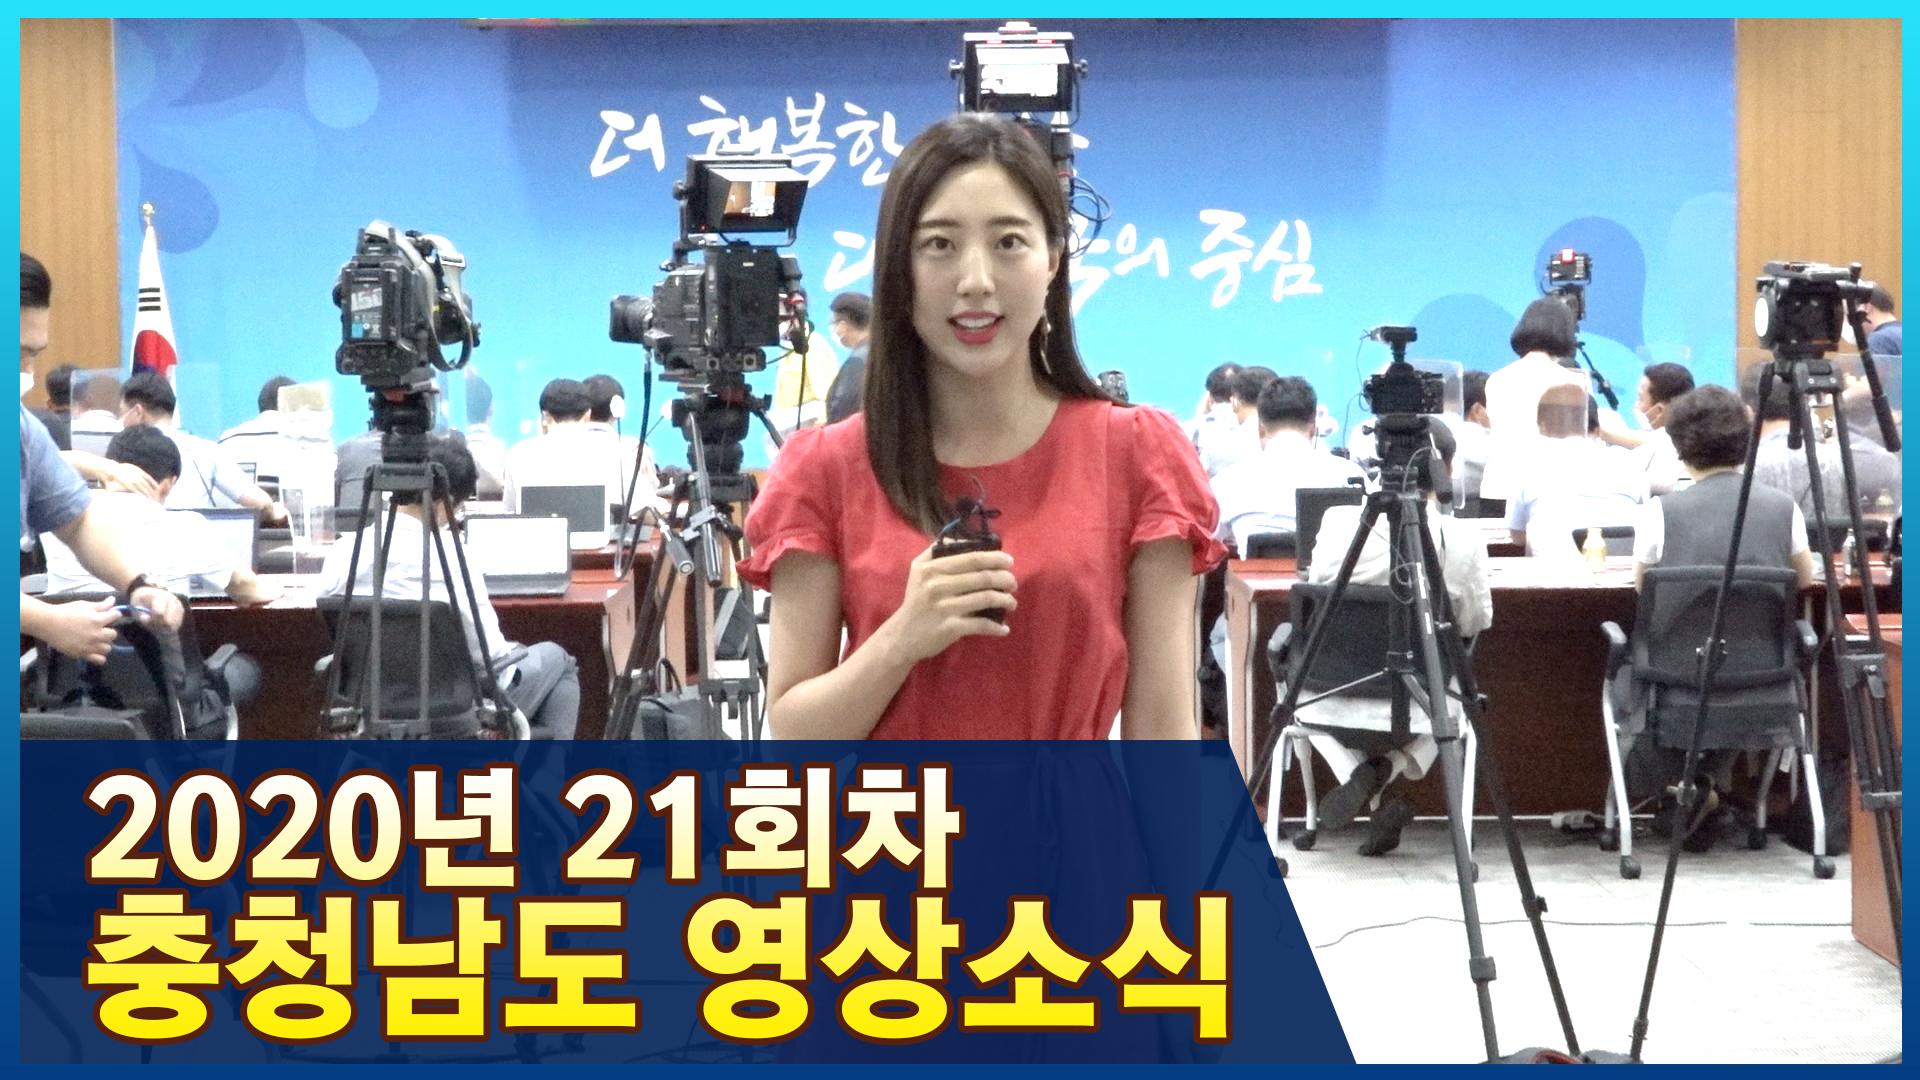 [종합]2020년 21회 충청남도영상소식